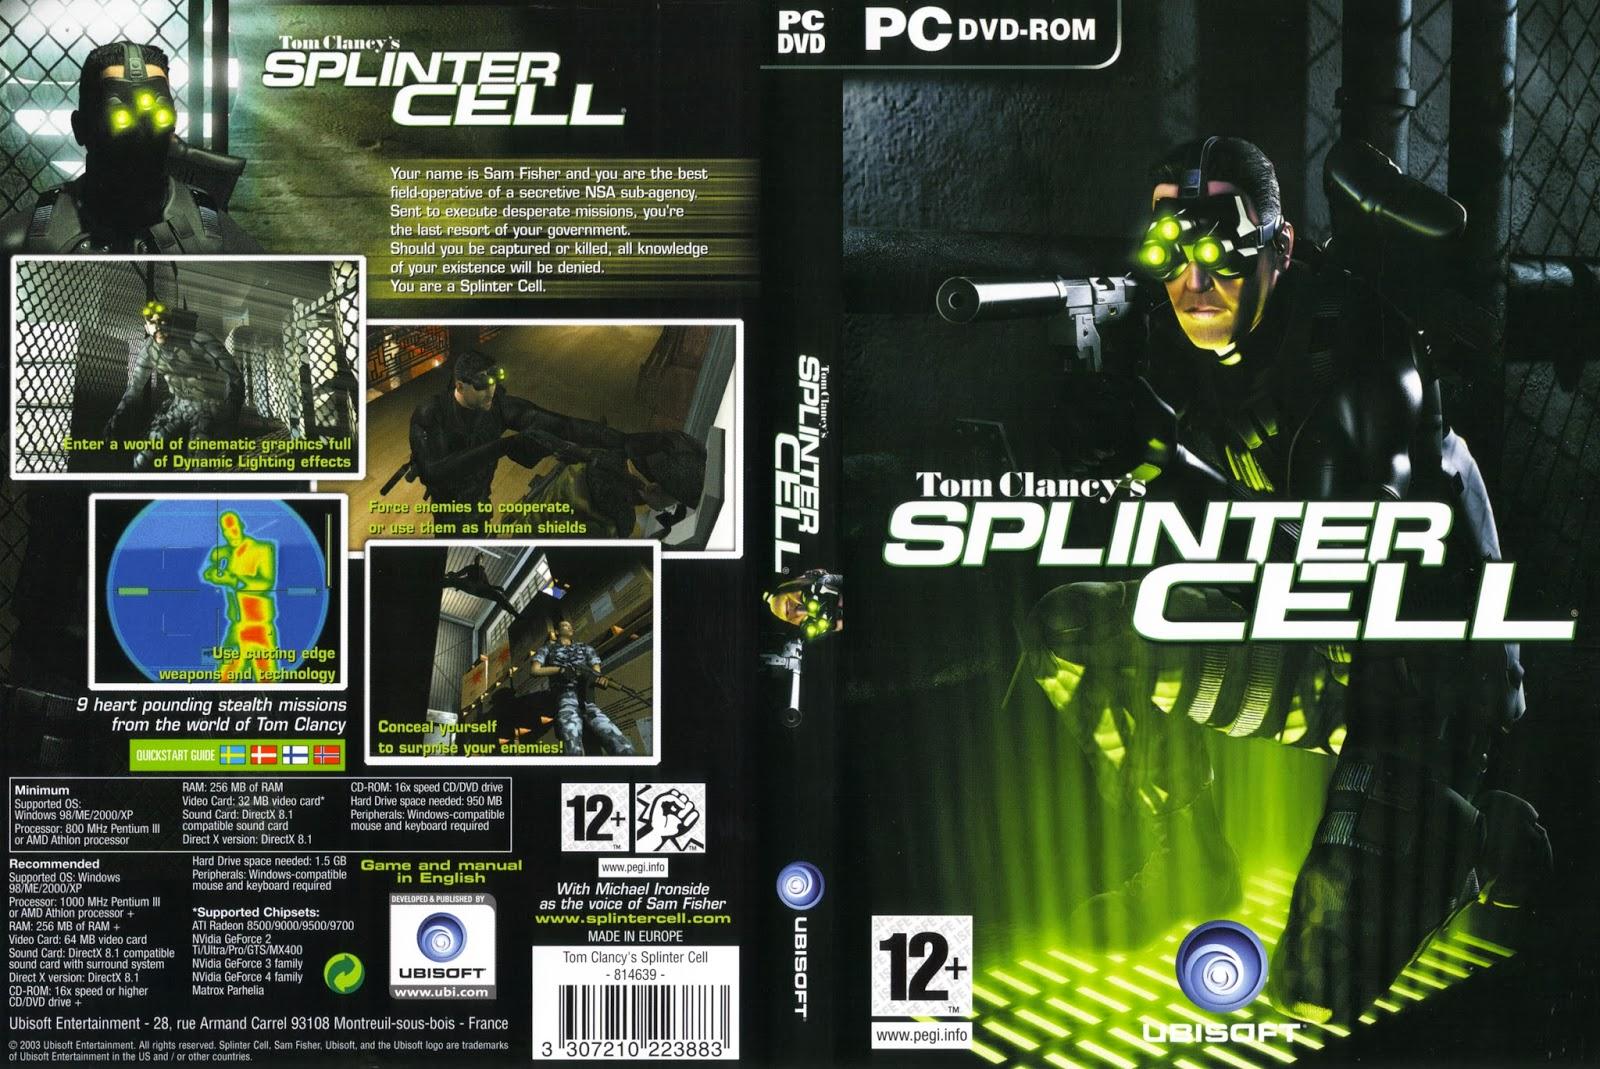 Splinter Cell Pc